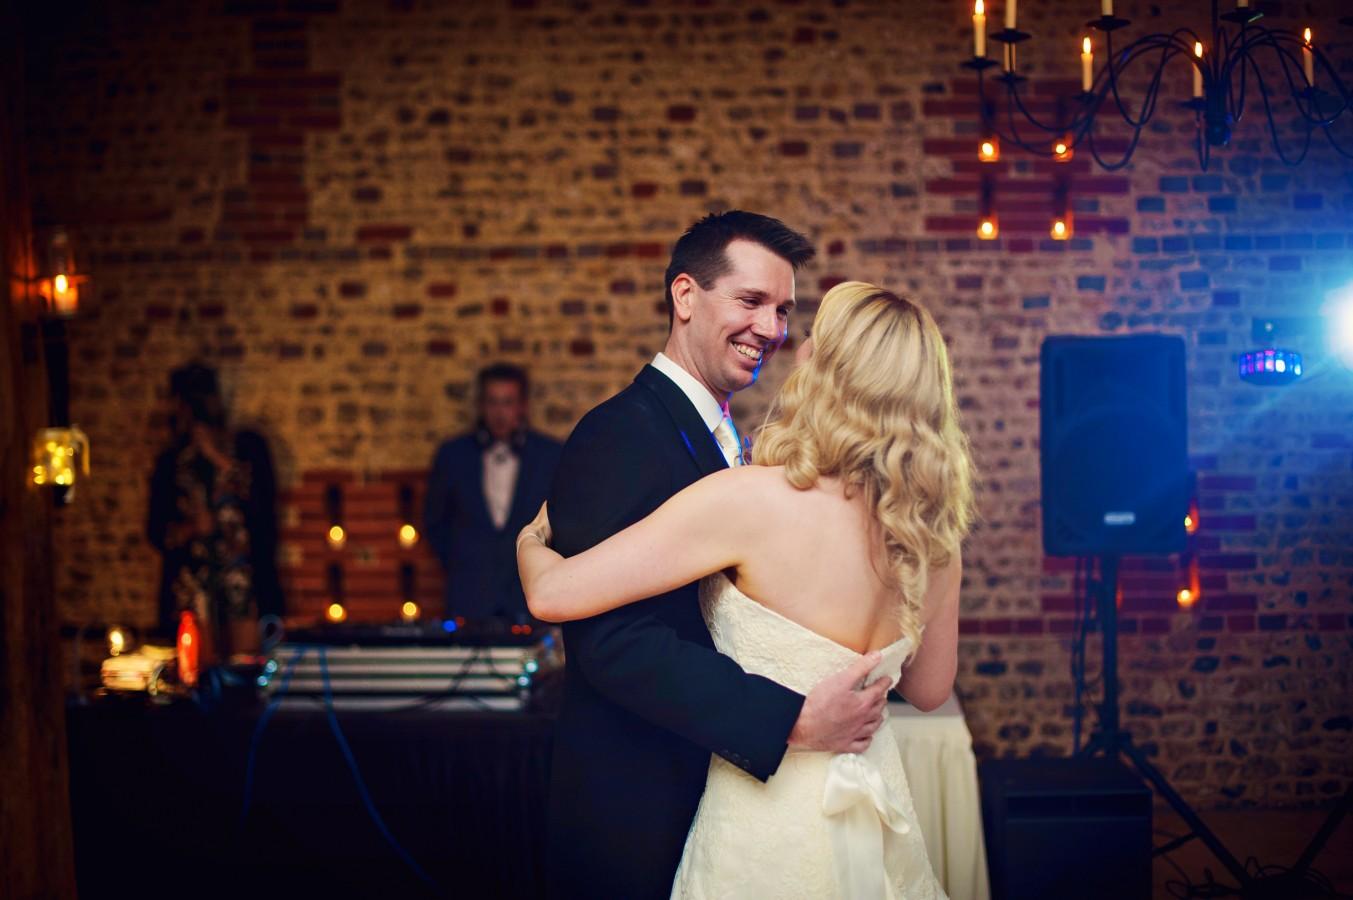 Hampshire Wedding Photographer - GK Photography-40